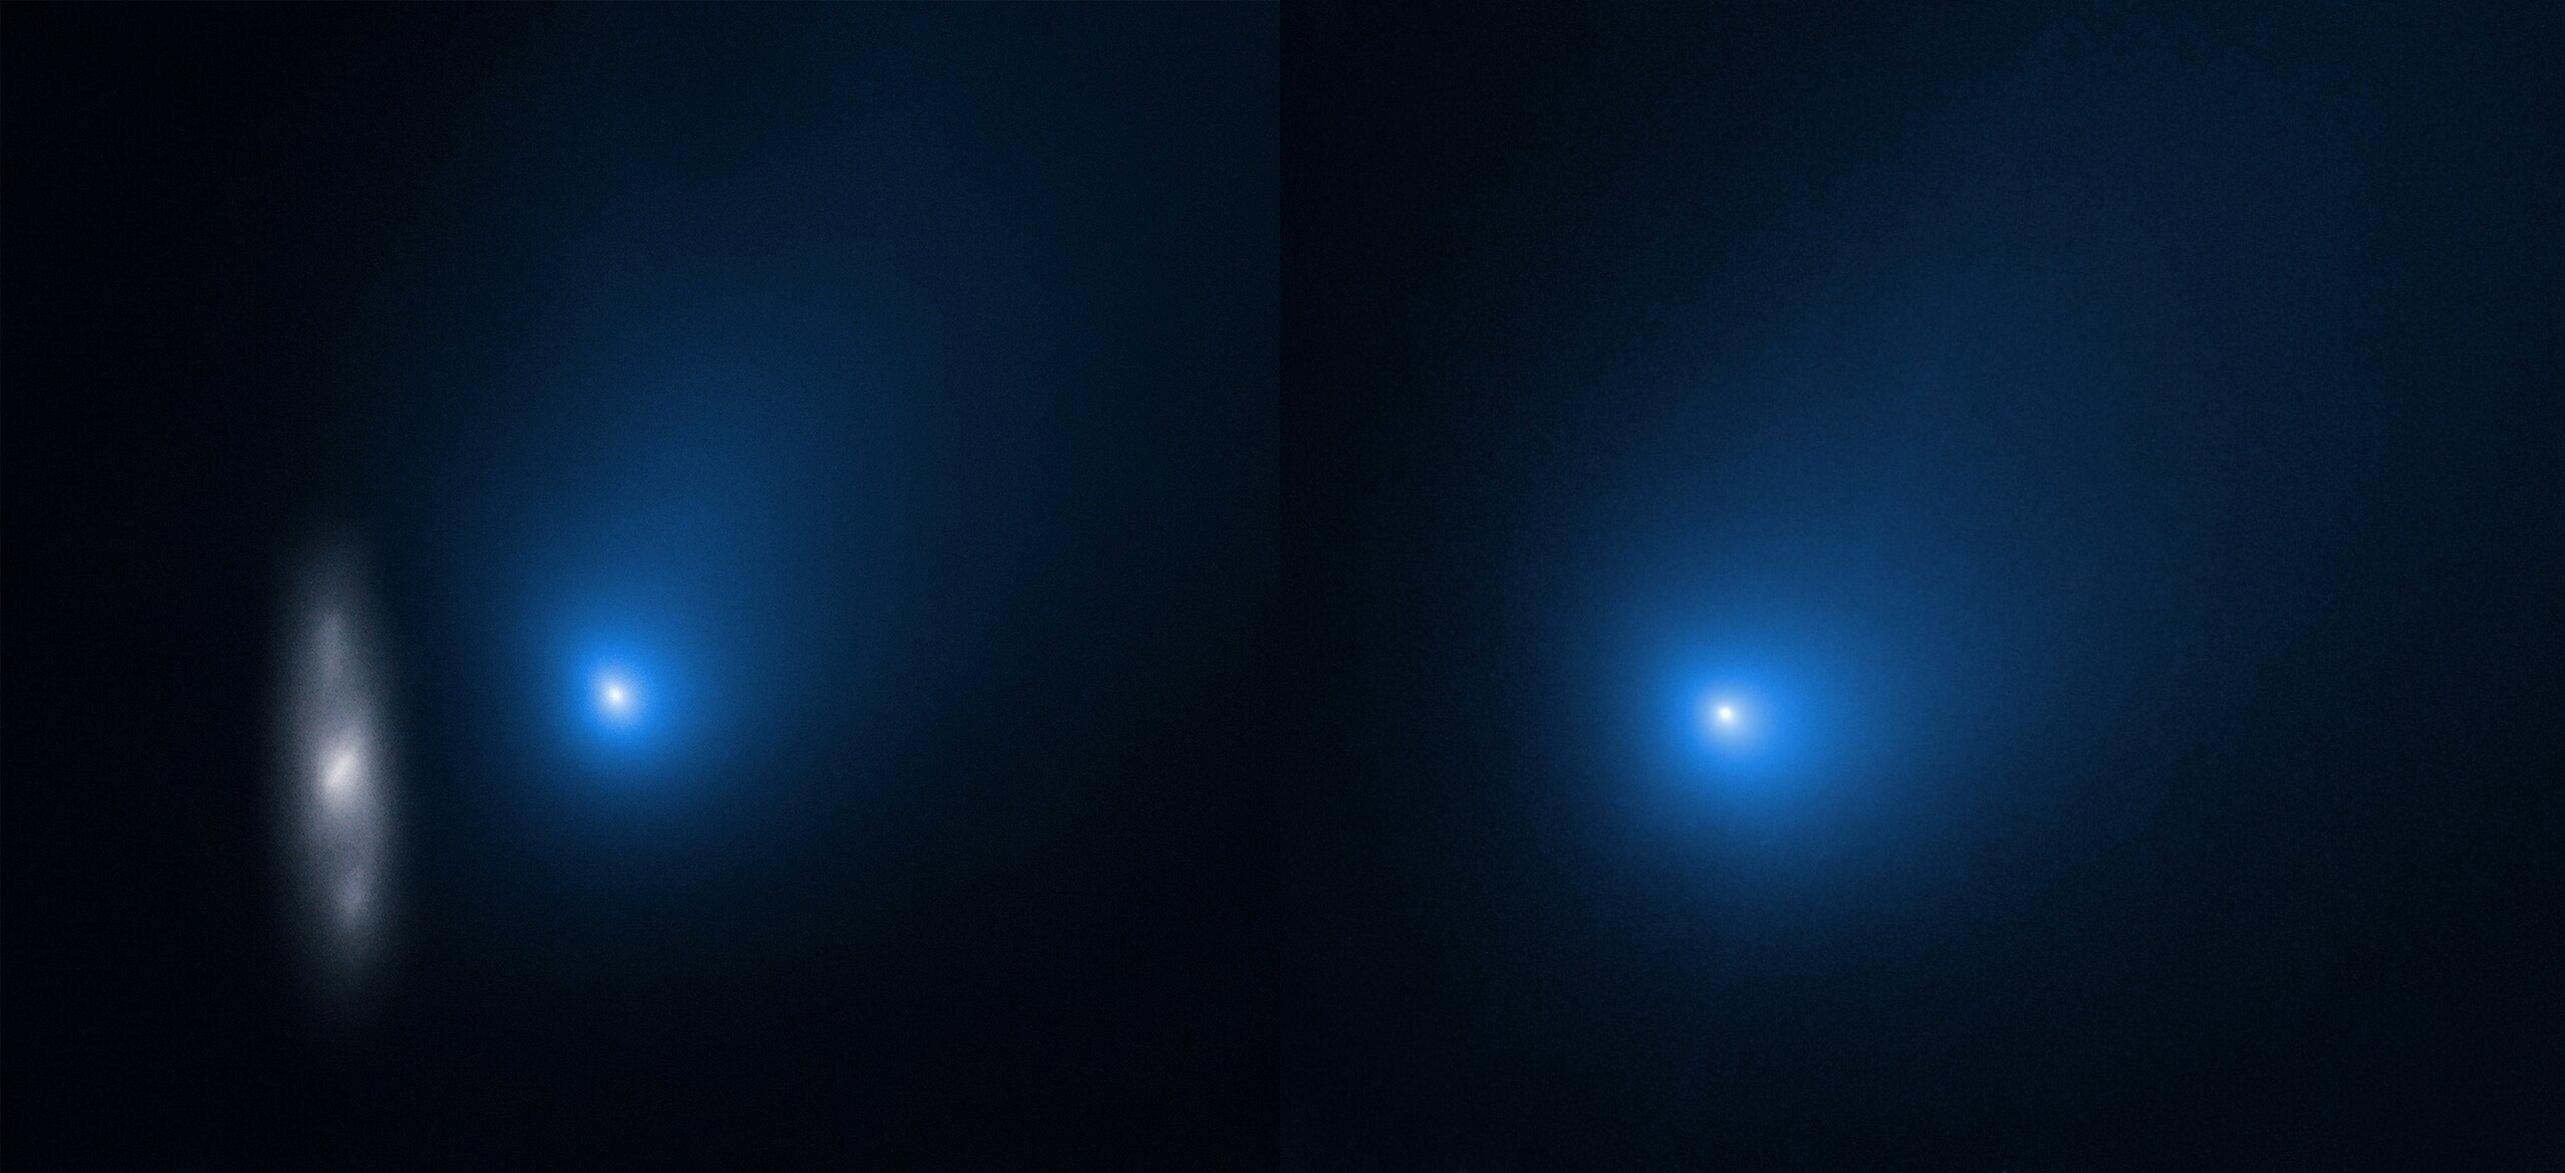 cometa borisov poze hubble nasa